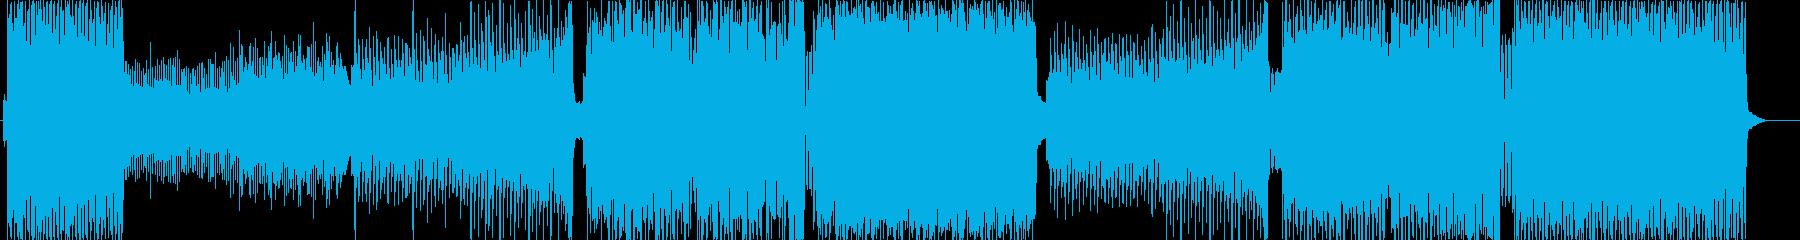 激しく速いEDMの再生済みの波形